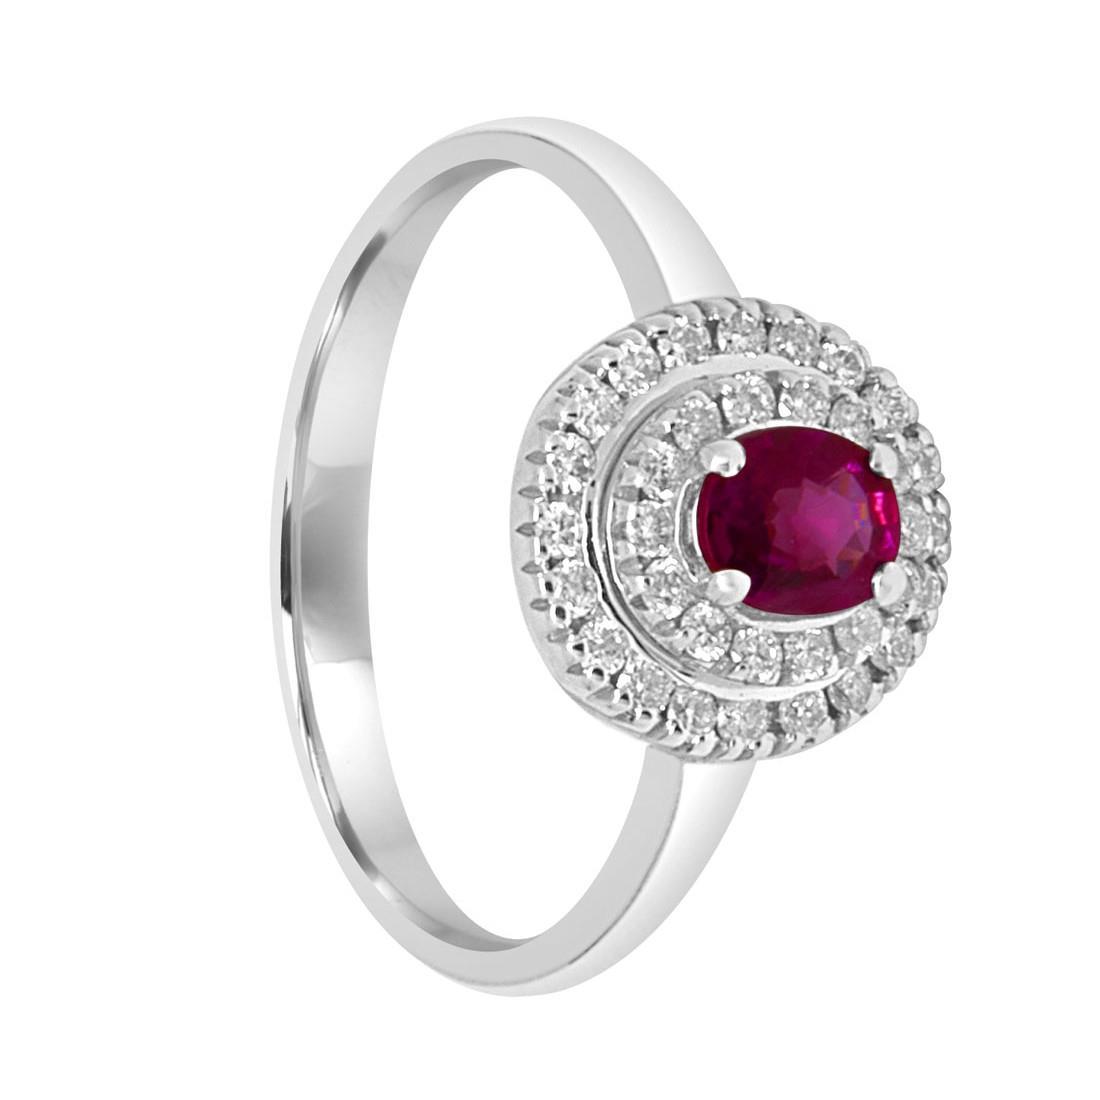 Anello in oro bianco con diamanti e rubini ct. 0,43 - ALFIERI ST JOHN